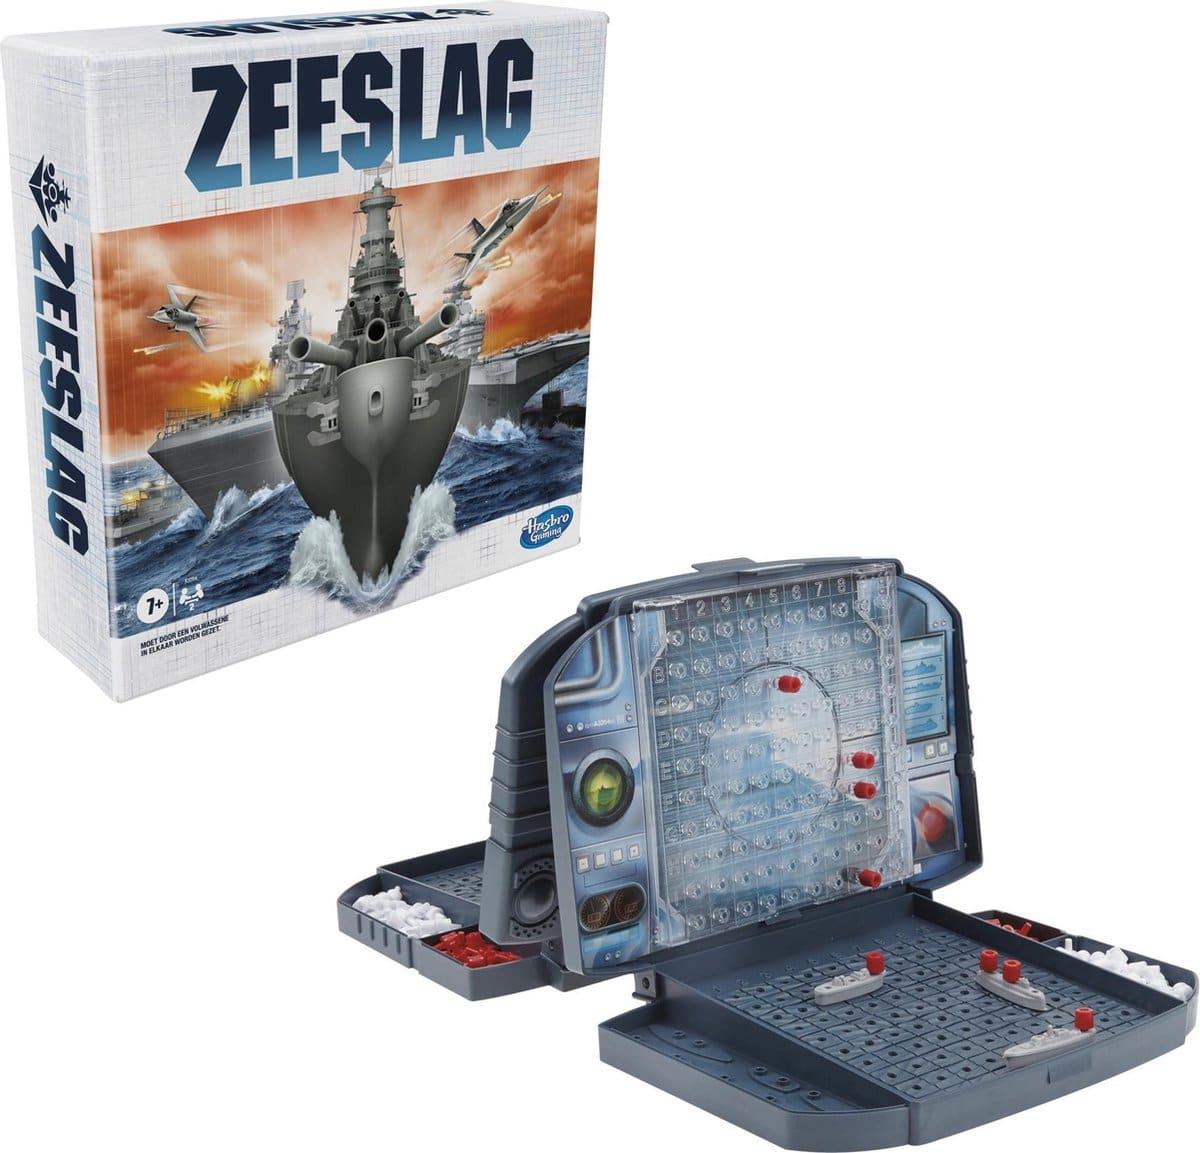 Zeeslag - Bordspel